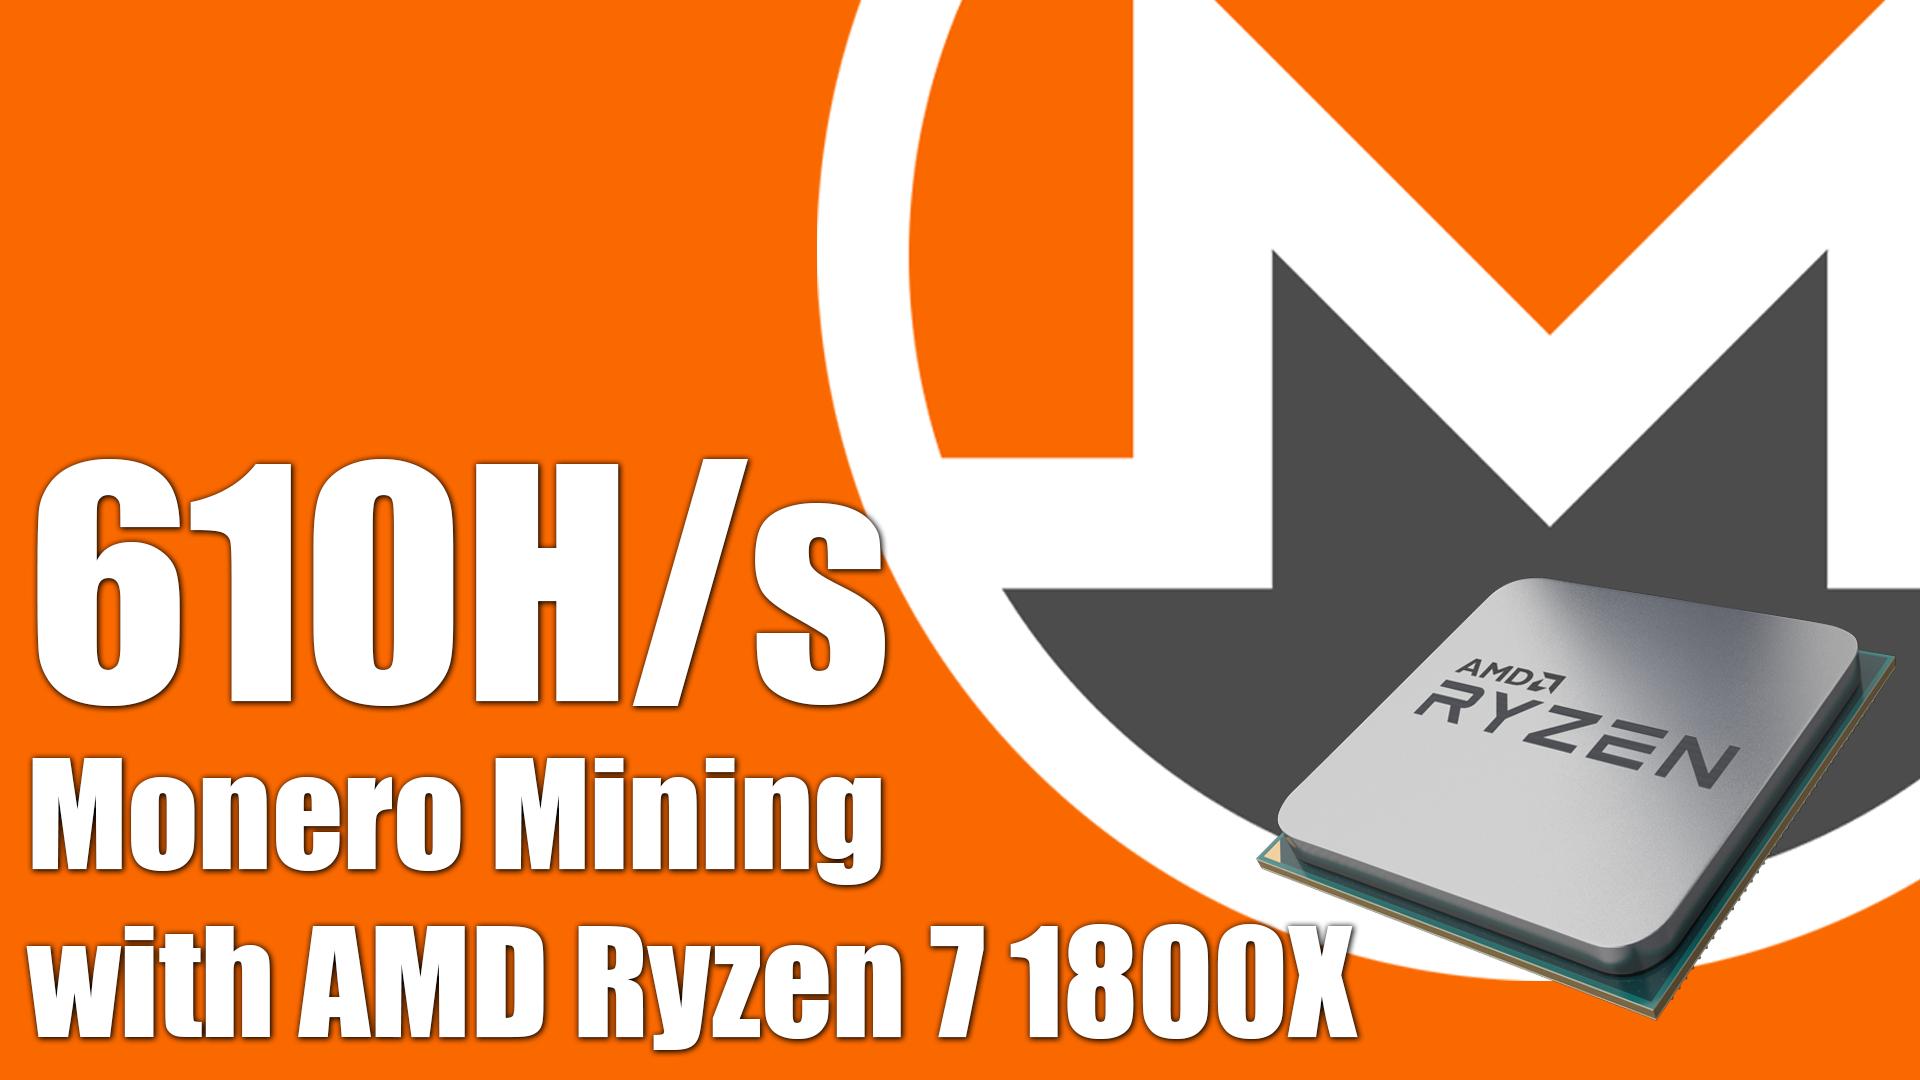 610H/s Monero Mining with AMD Ryzen 7 1800X - Cointalk 3